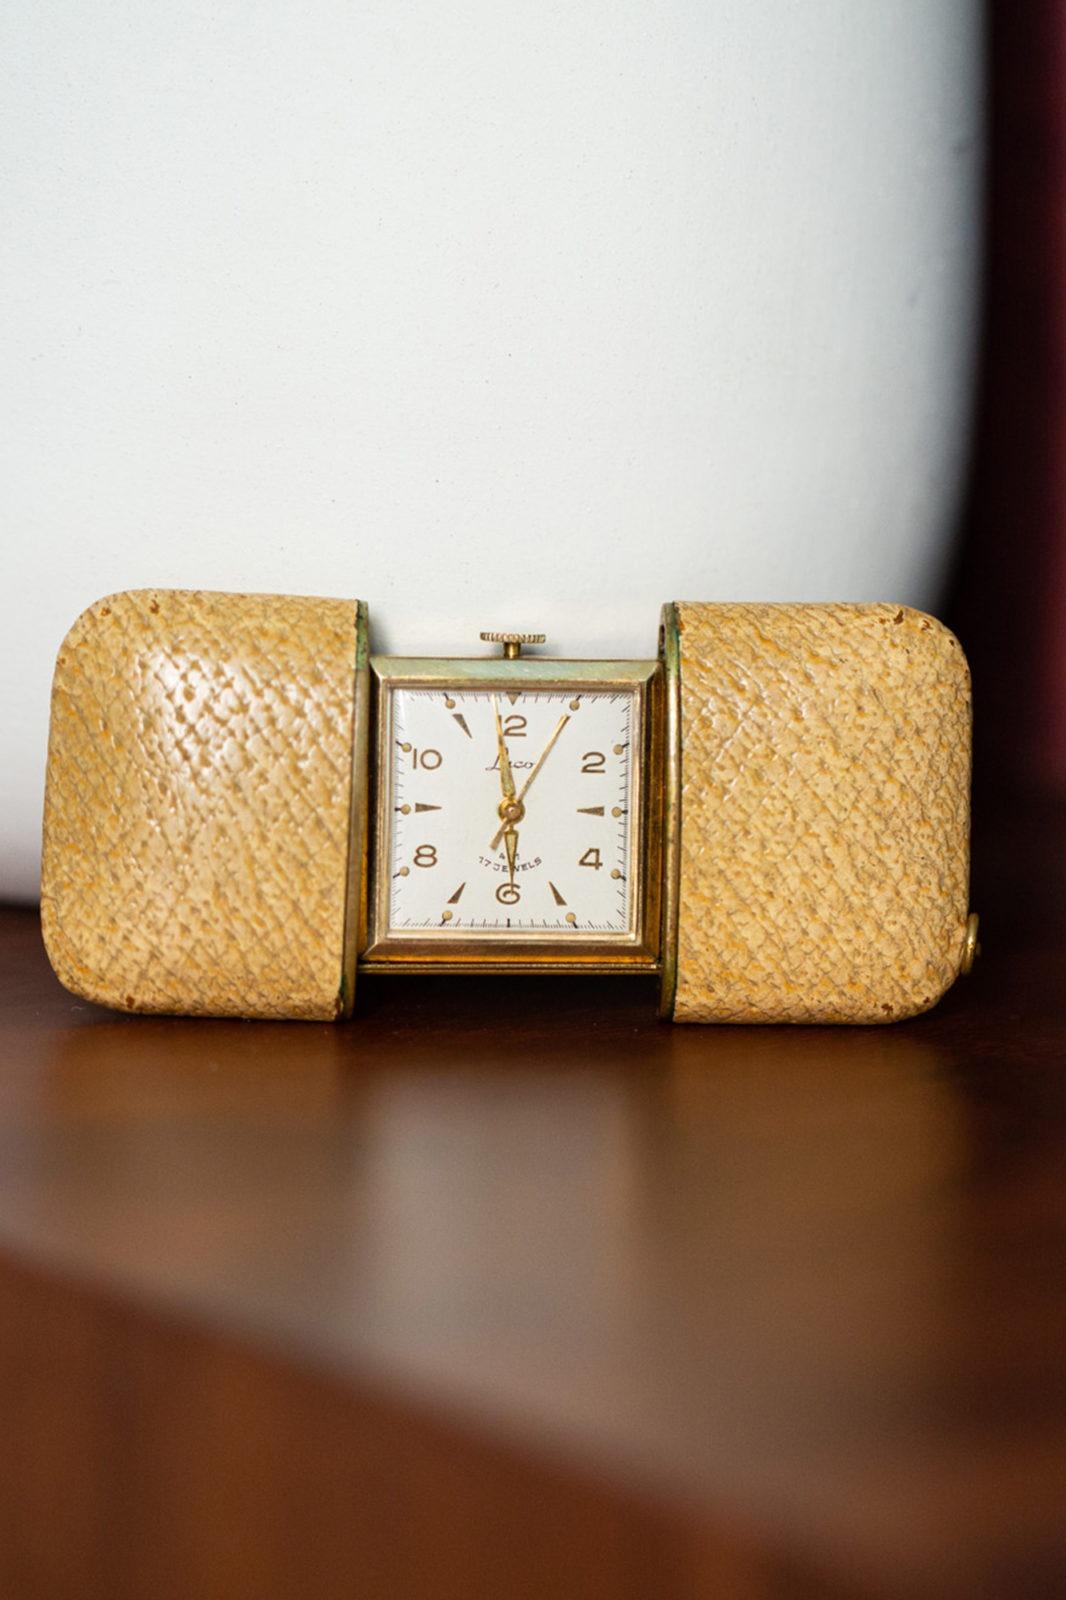 Laco 441 - Sélection de montres vintage Joseph Bonnie